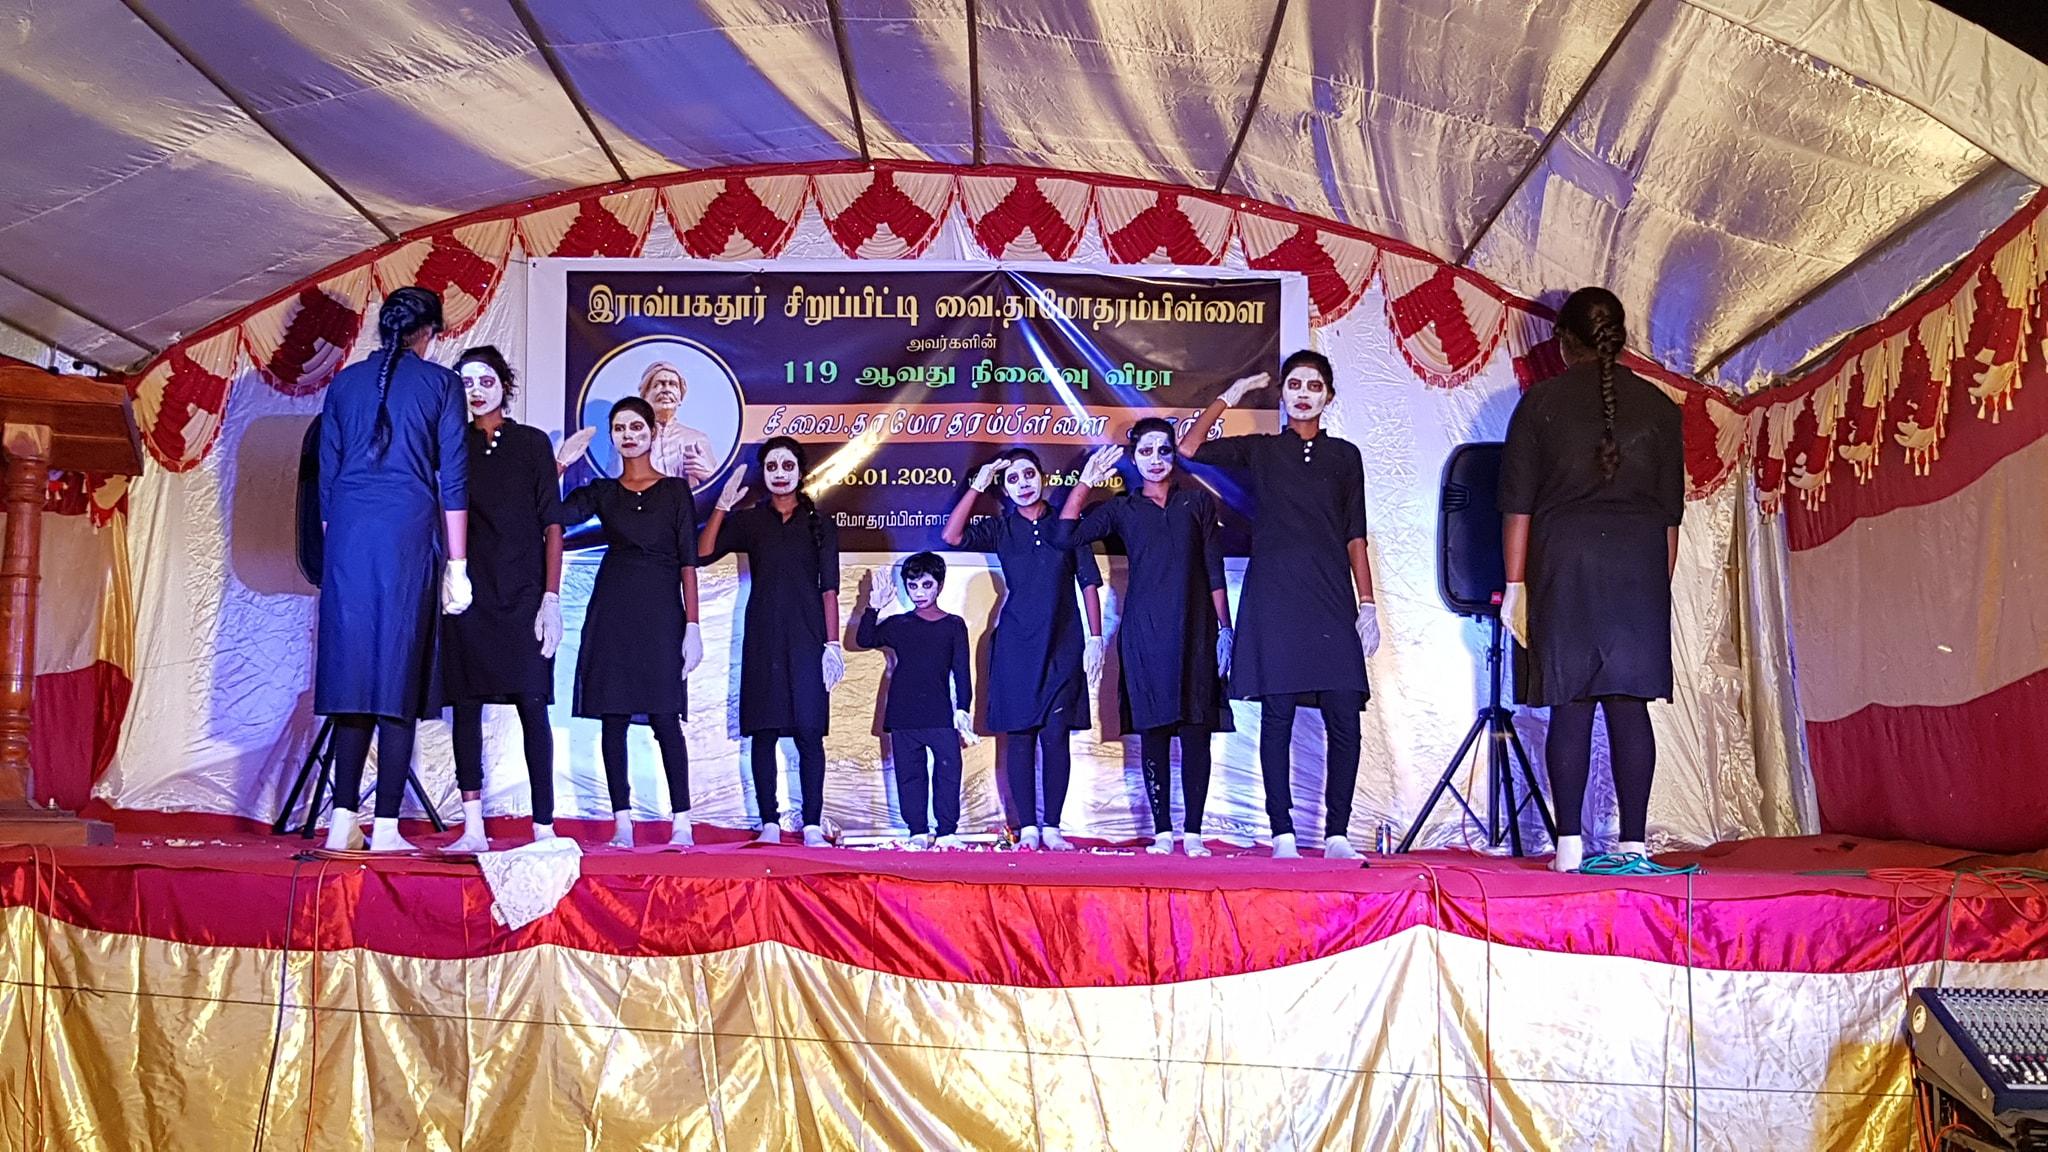 சி.வை.தாமோதரம்பிள்ளை அவர்களின் 119 ஆவது நினைவு விழா சிறப்பாக நடை பெற்றது.